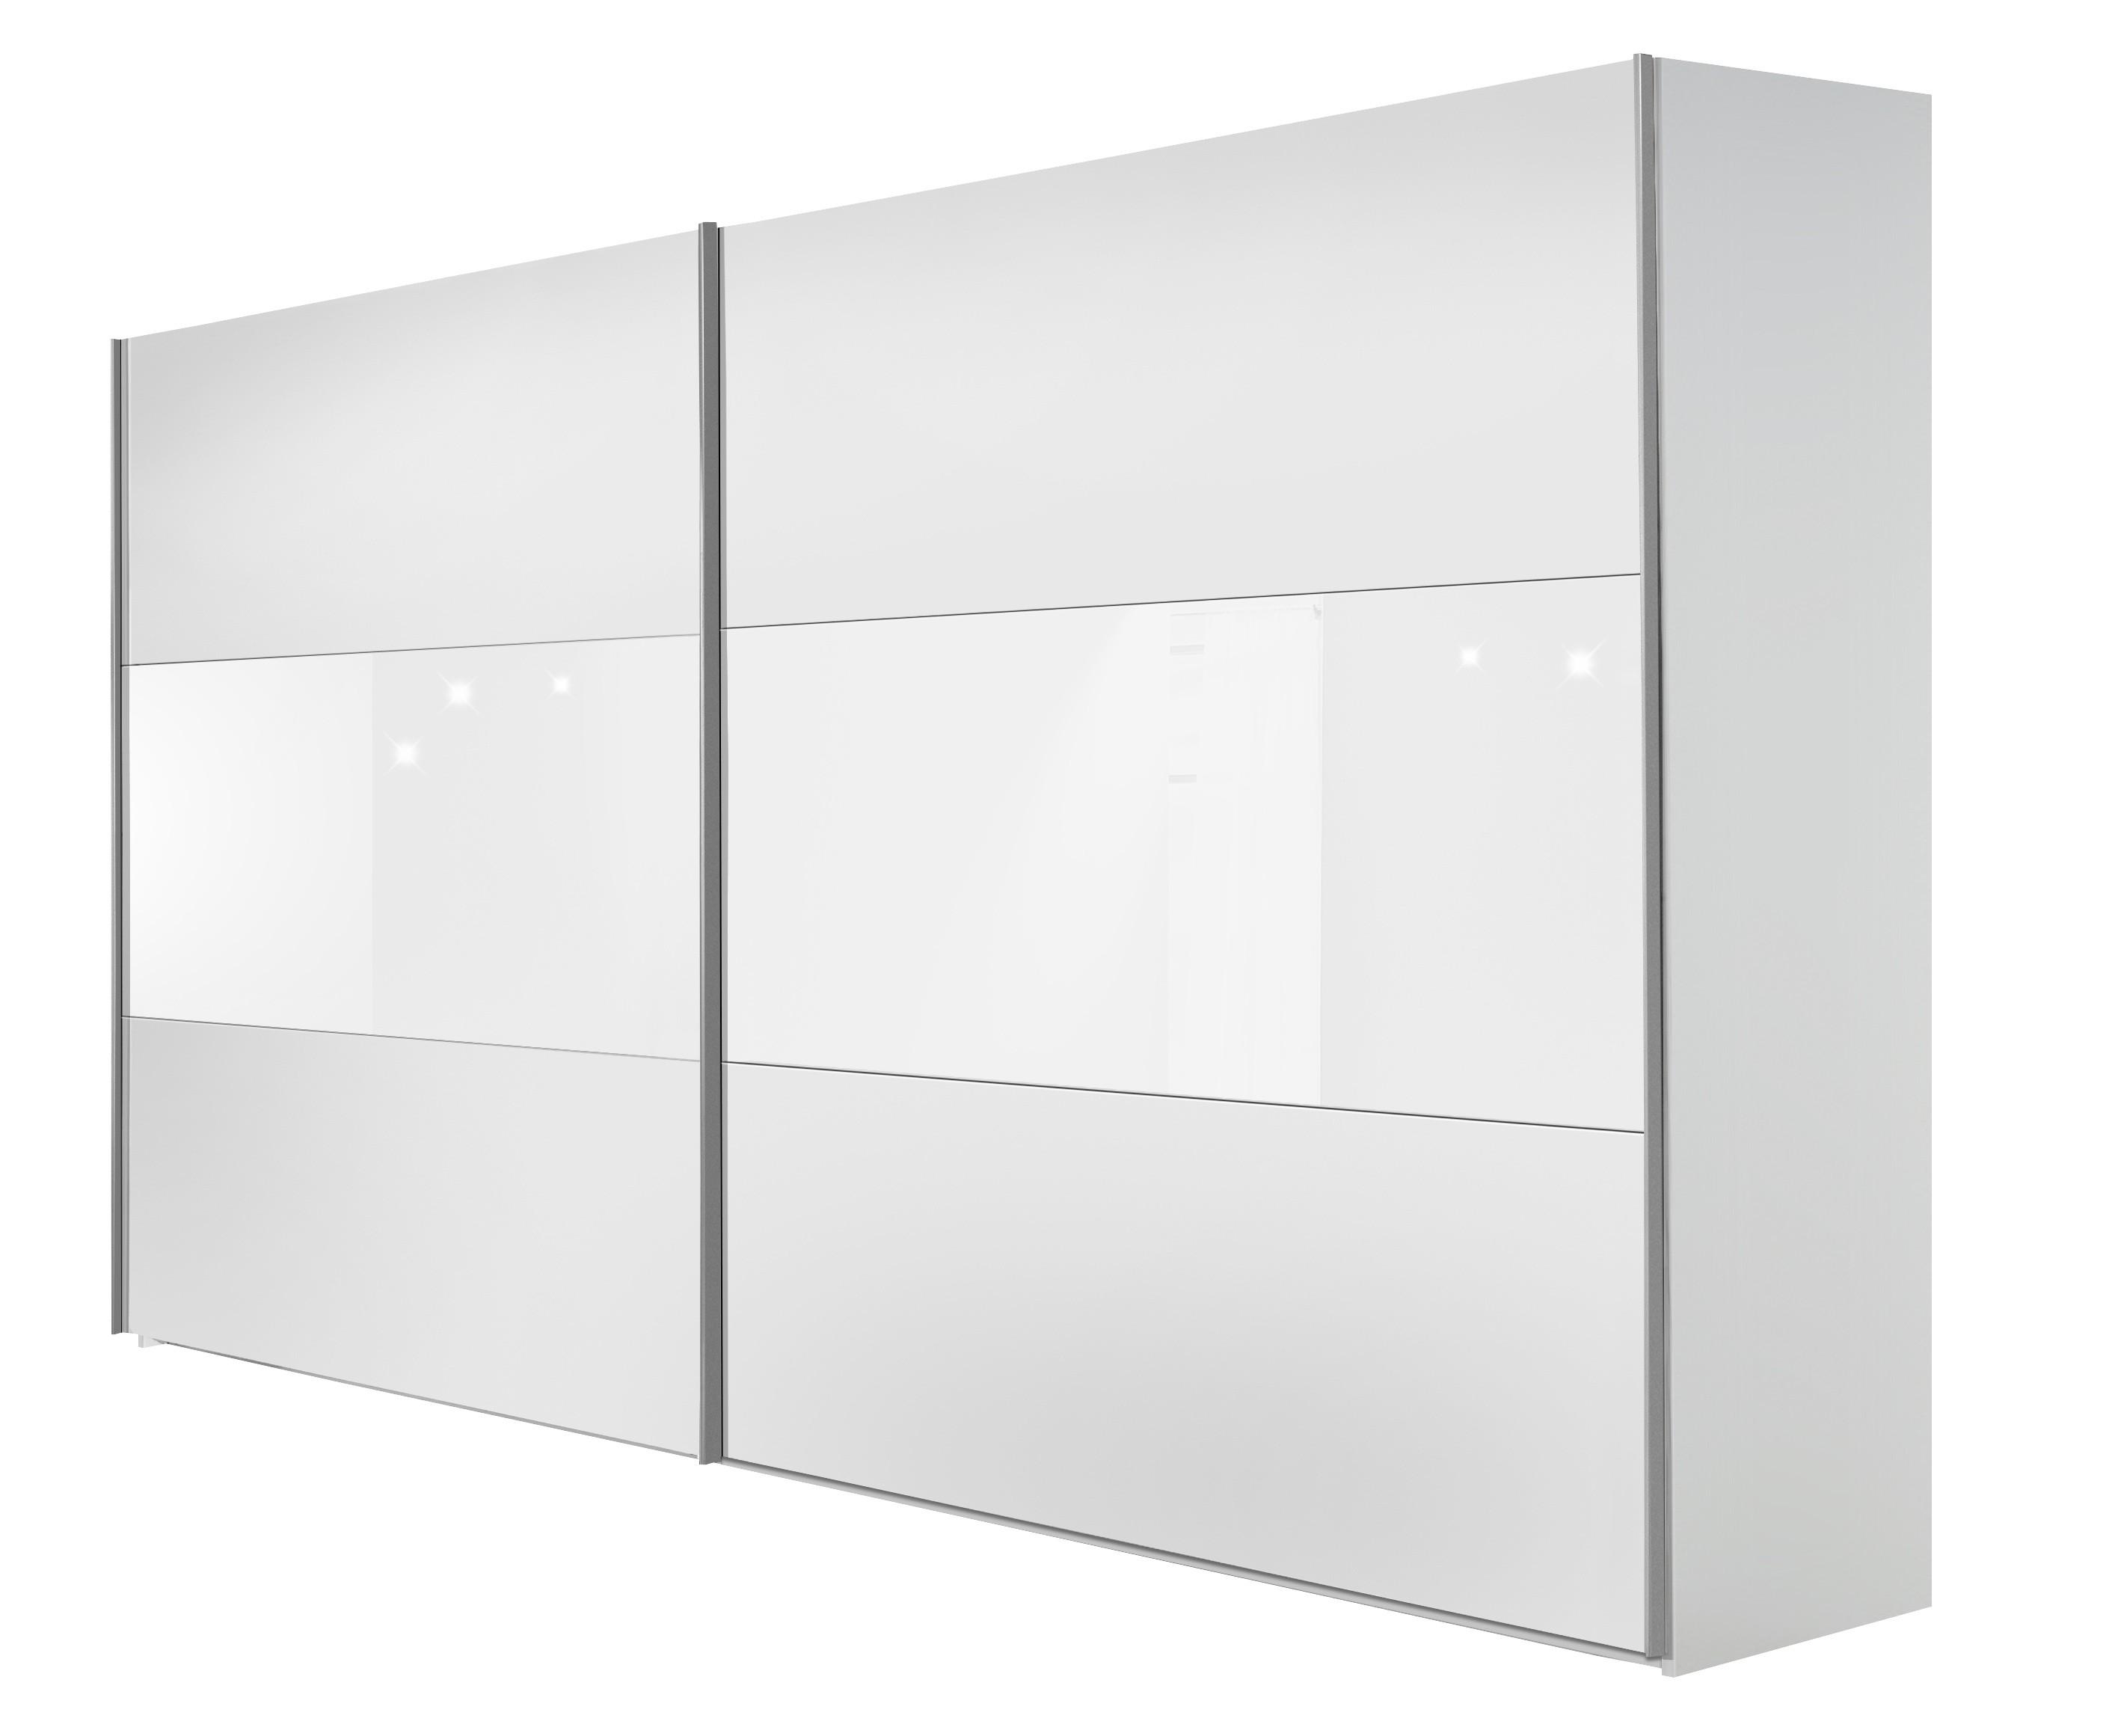 Kleiderschrank Weiß Schiebetüren | jamgo.co